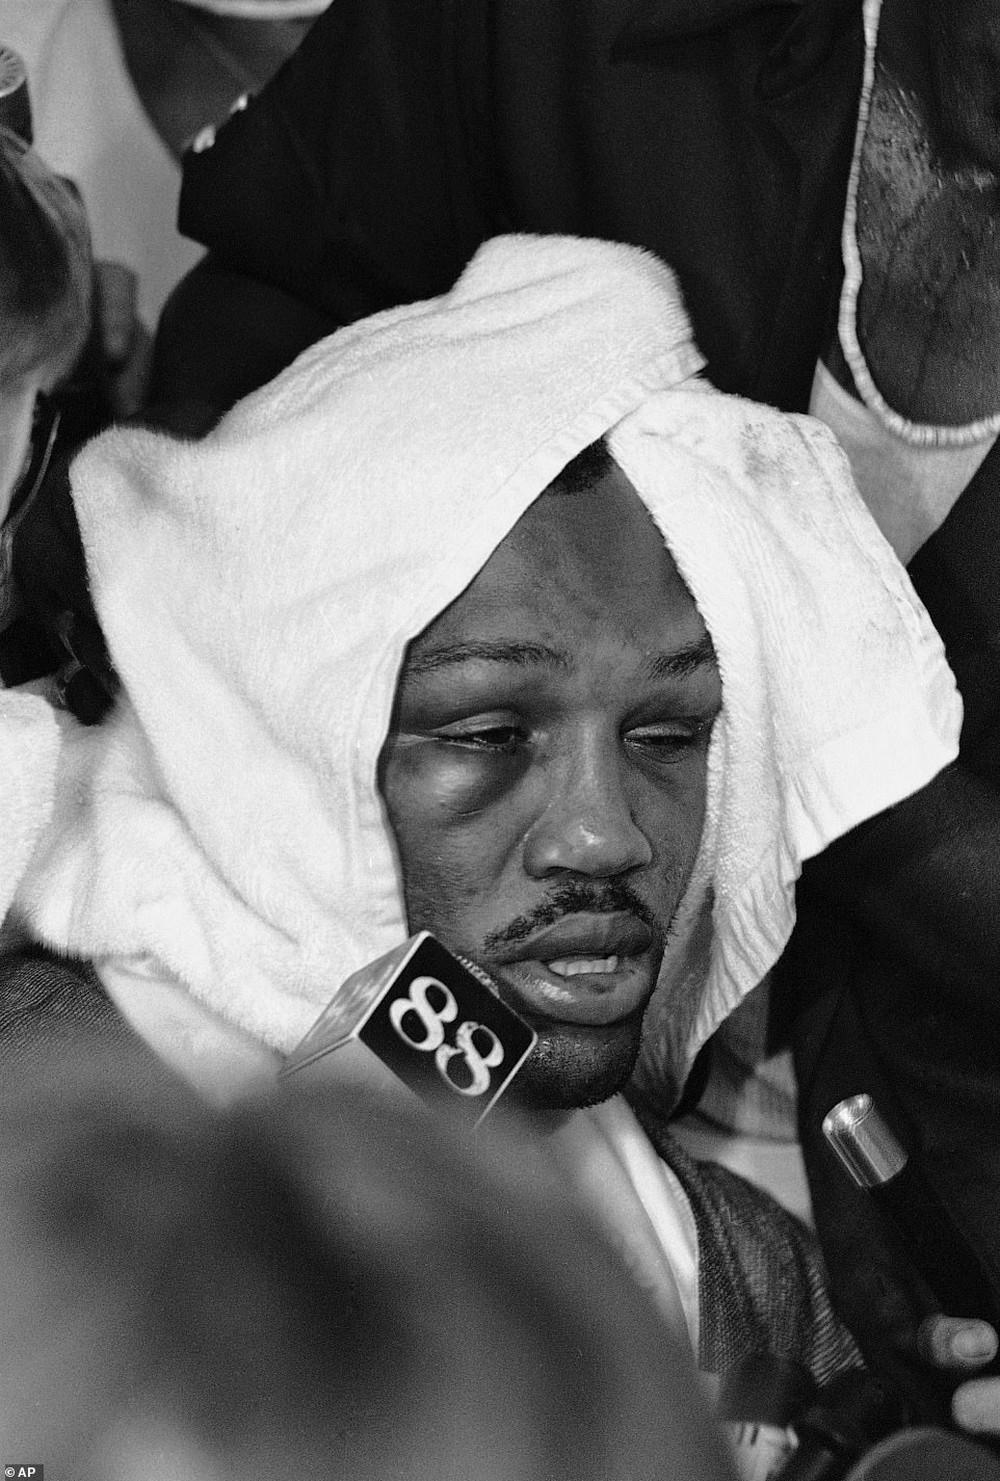 Nhớ về Thrilla in Manila: Trận chiến lịch sử đẩy Muhammad Ali và Joe Frazier cận kề với cái chết - Ảnh 5.